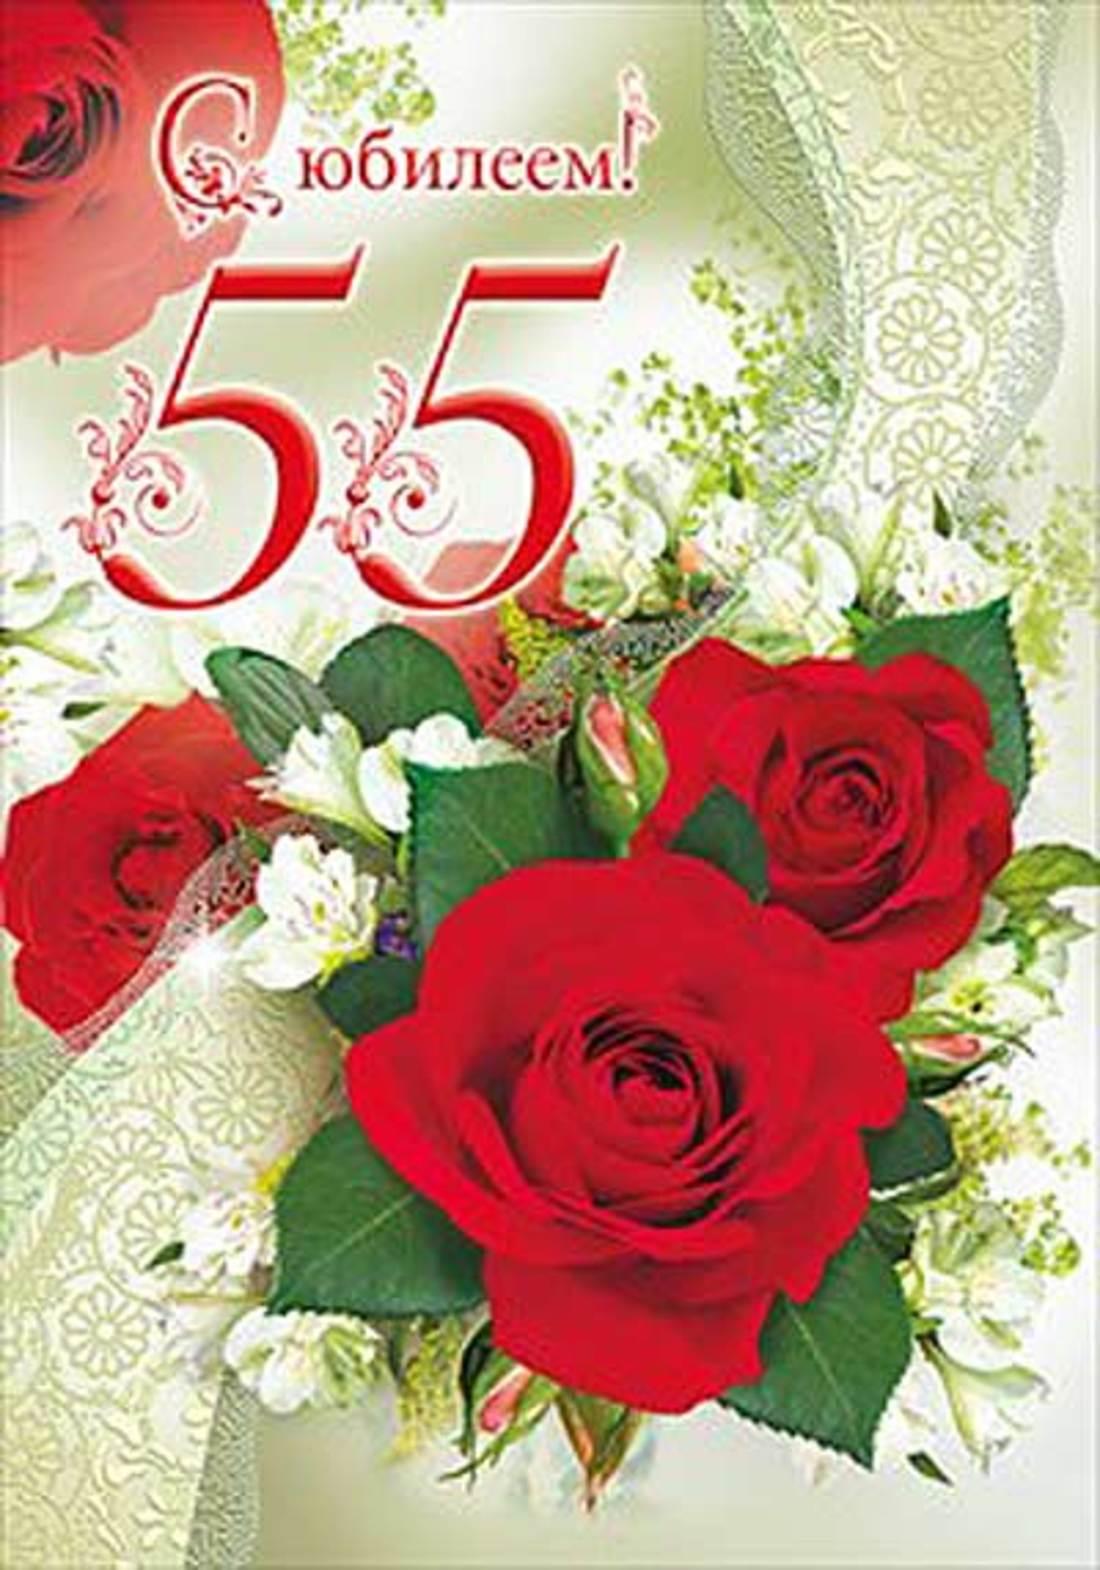 Анимашки, красивые картинки с днем рождения женщине с надписями 55 лет